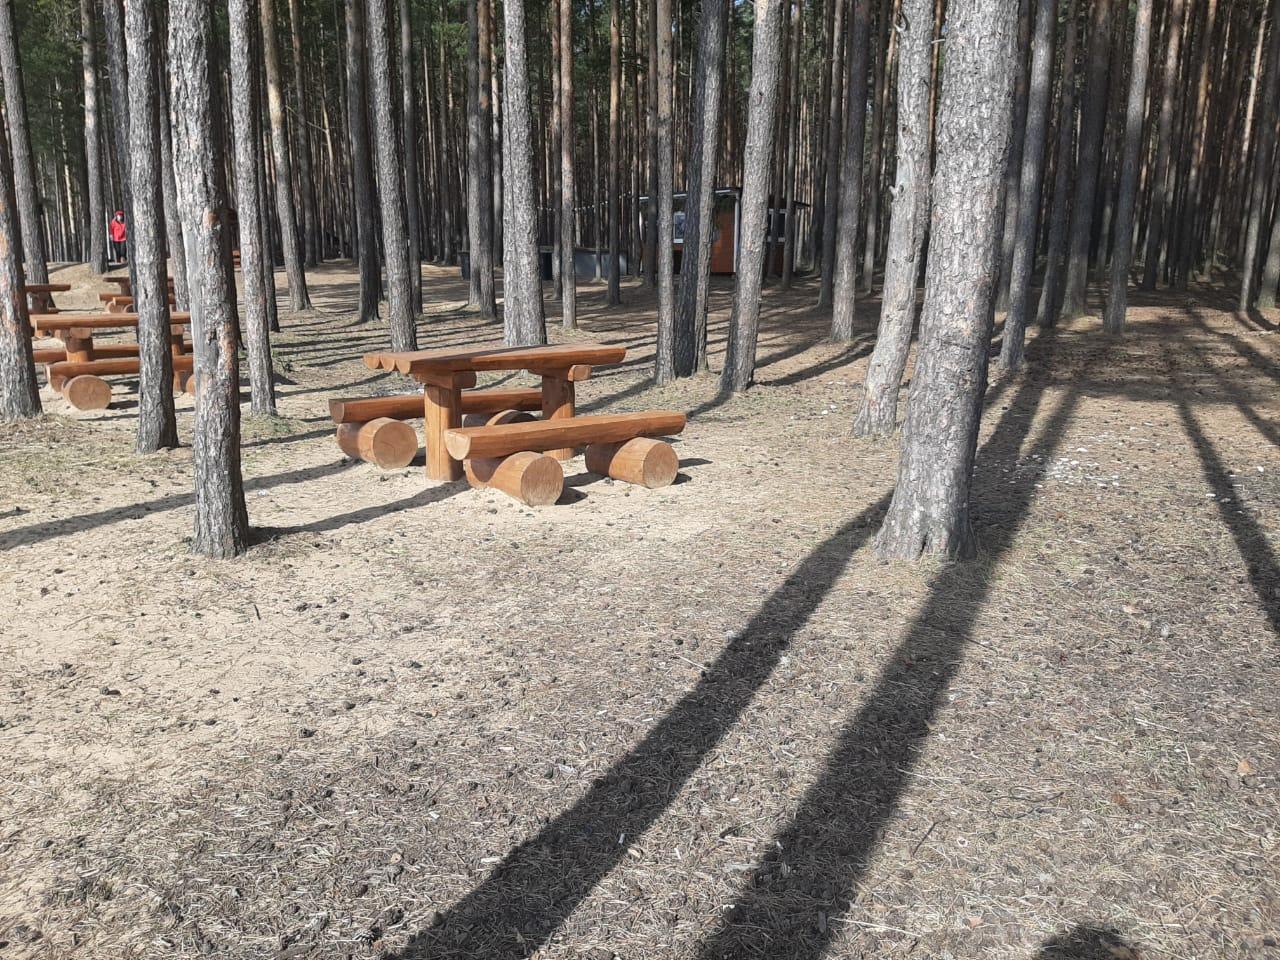 Около 200 мест отдыха благоустроят в лесах Ярославской области в этом году